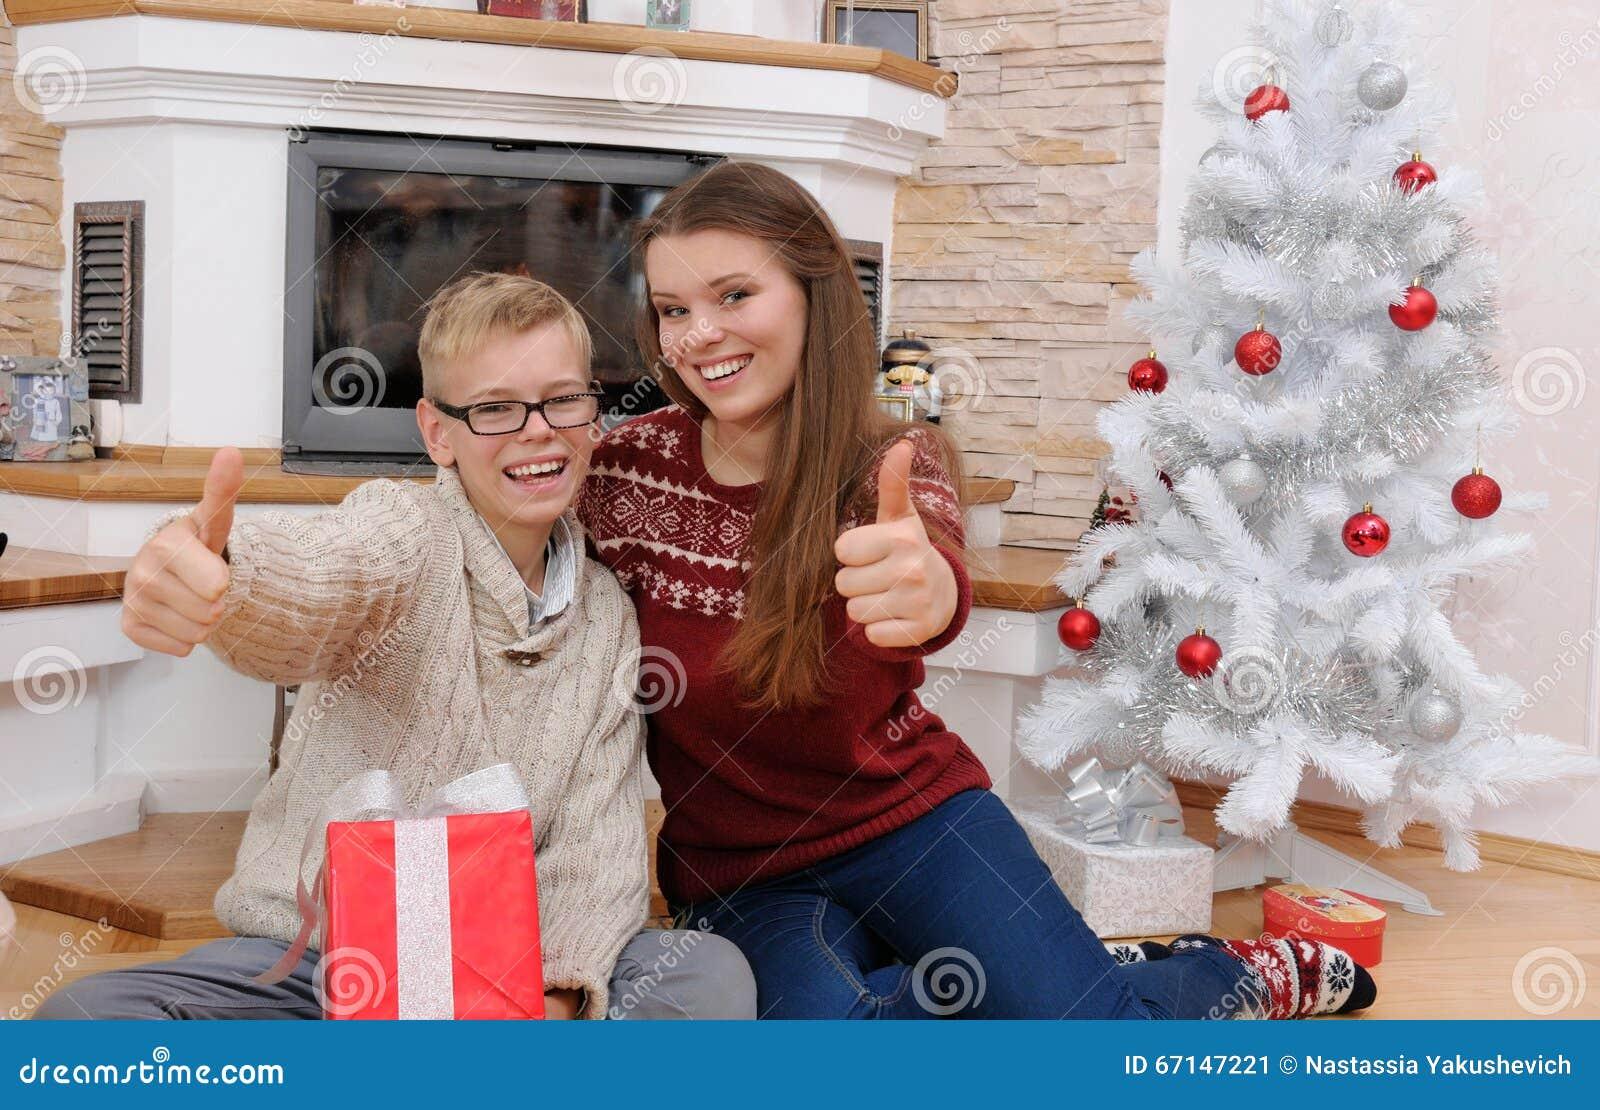 Regali Di Natale Fratello.Fratello E Sorella Felici Con I Regali Nella Notte Di Natale